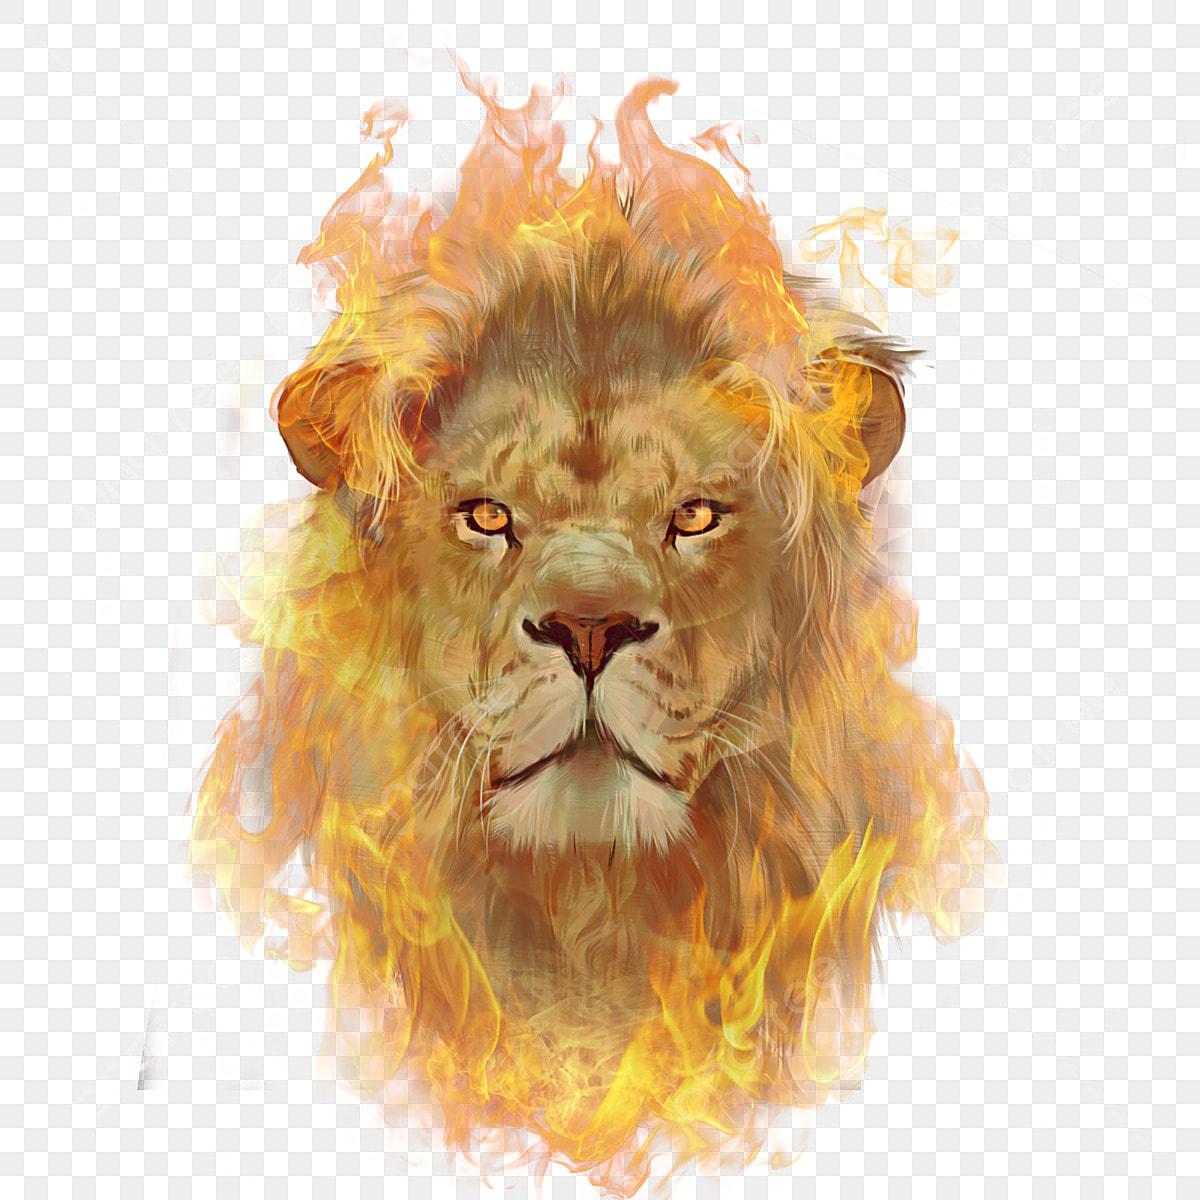 Elementos De Ilustracao De Combustao Leao De Chama Feroz Animal